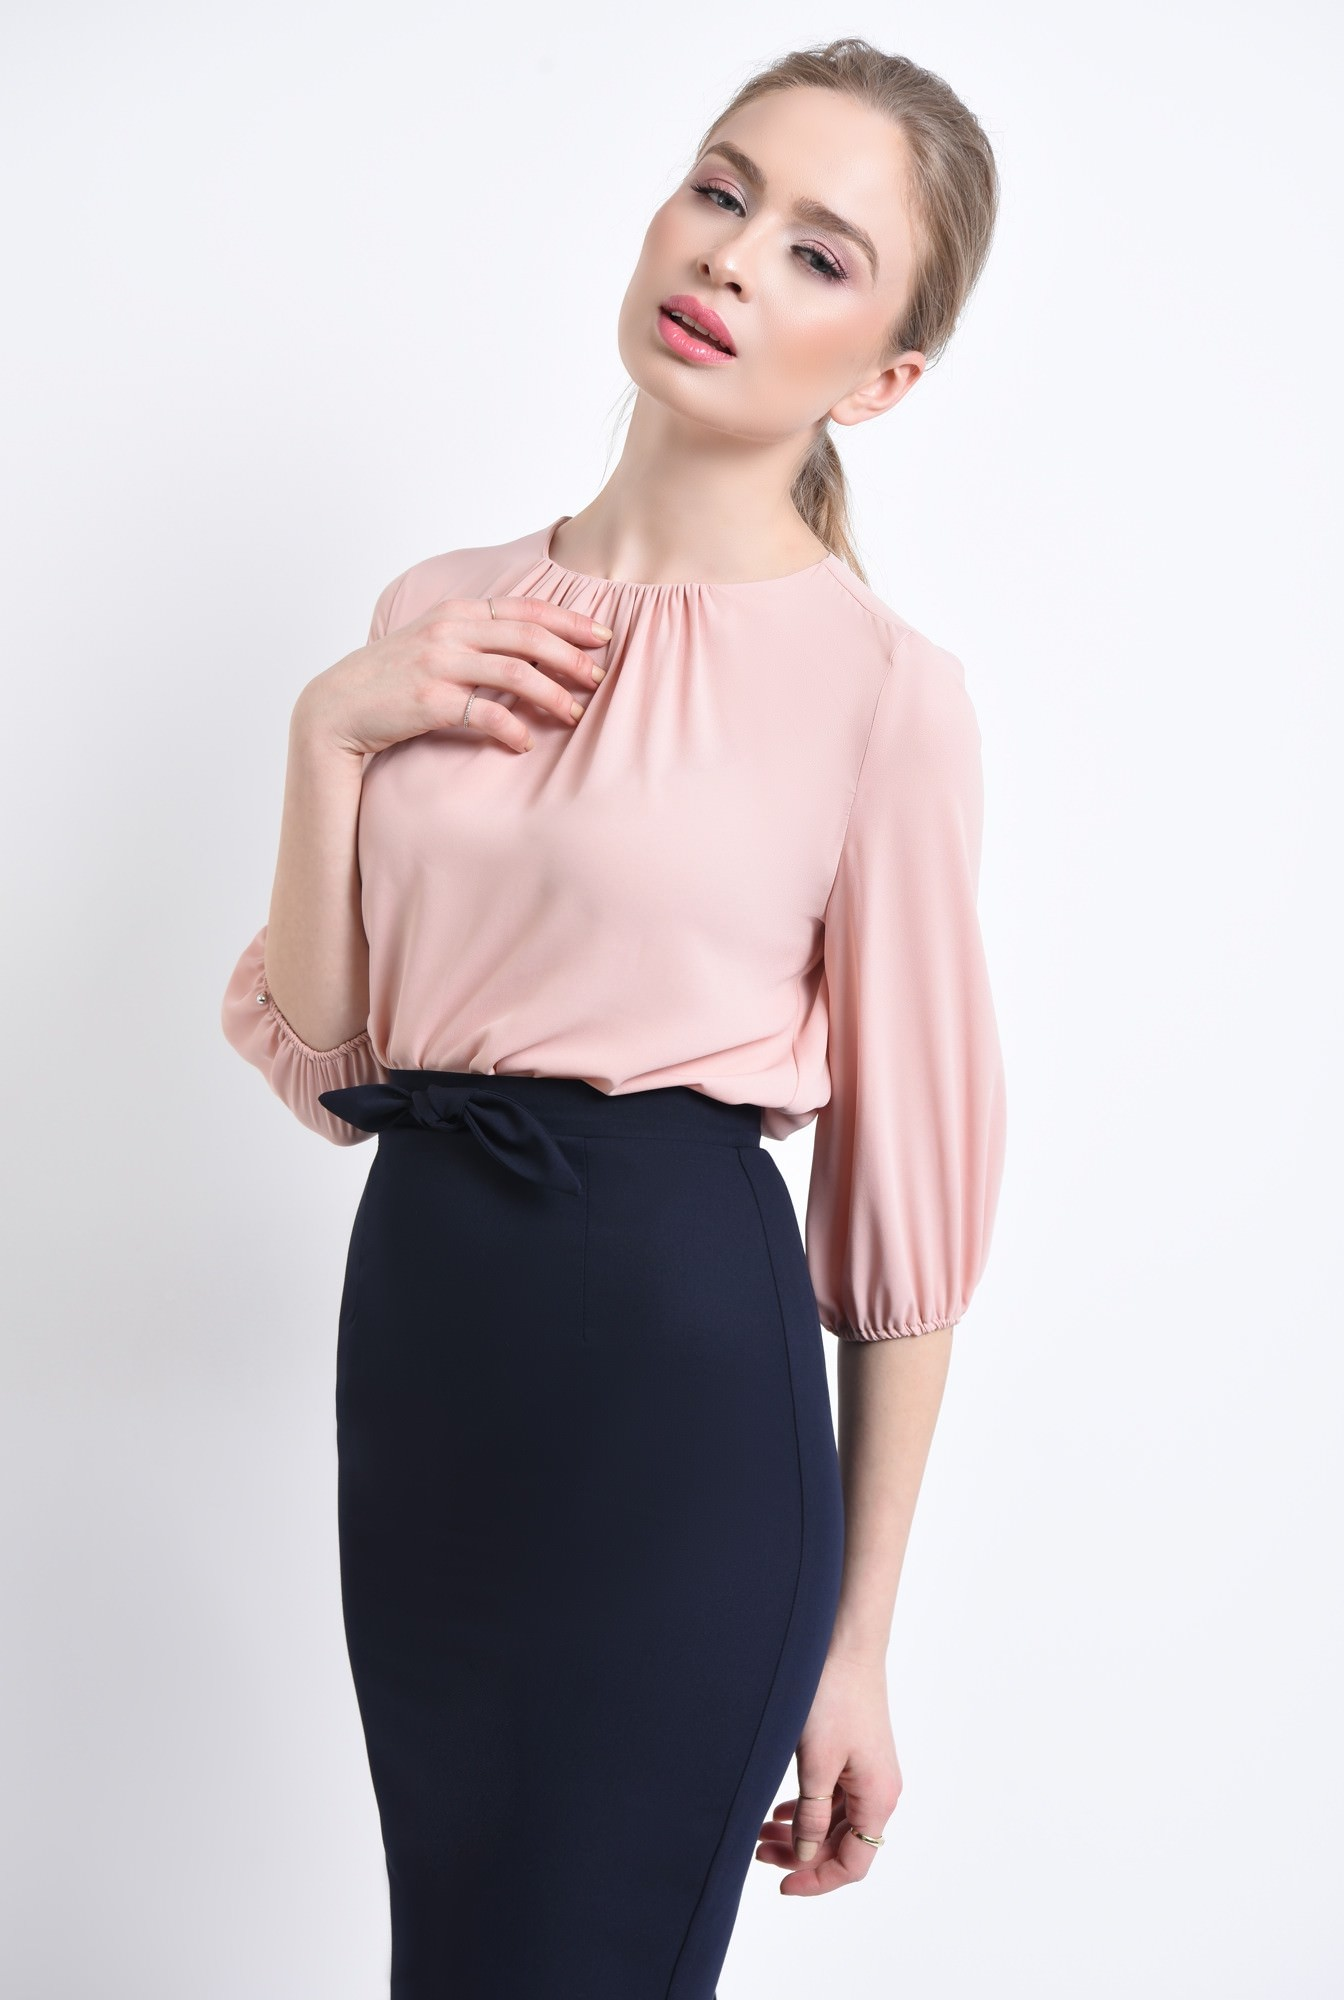 2 - Bluza casual, roz, pliseuri